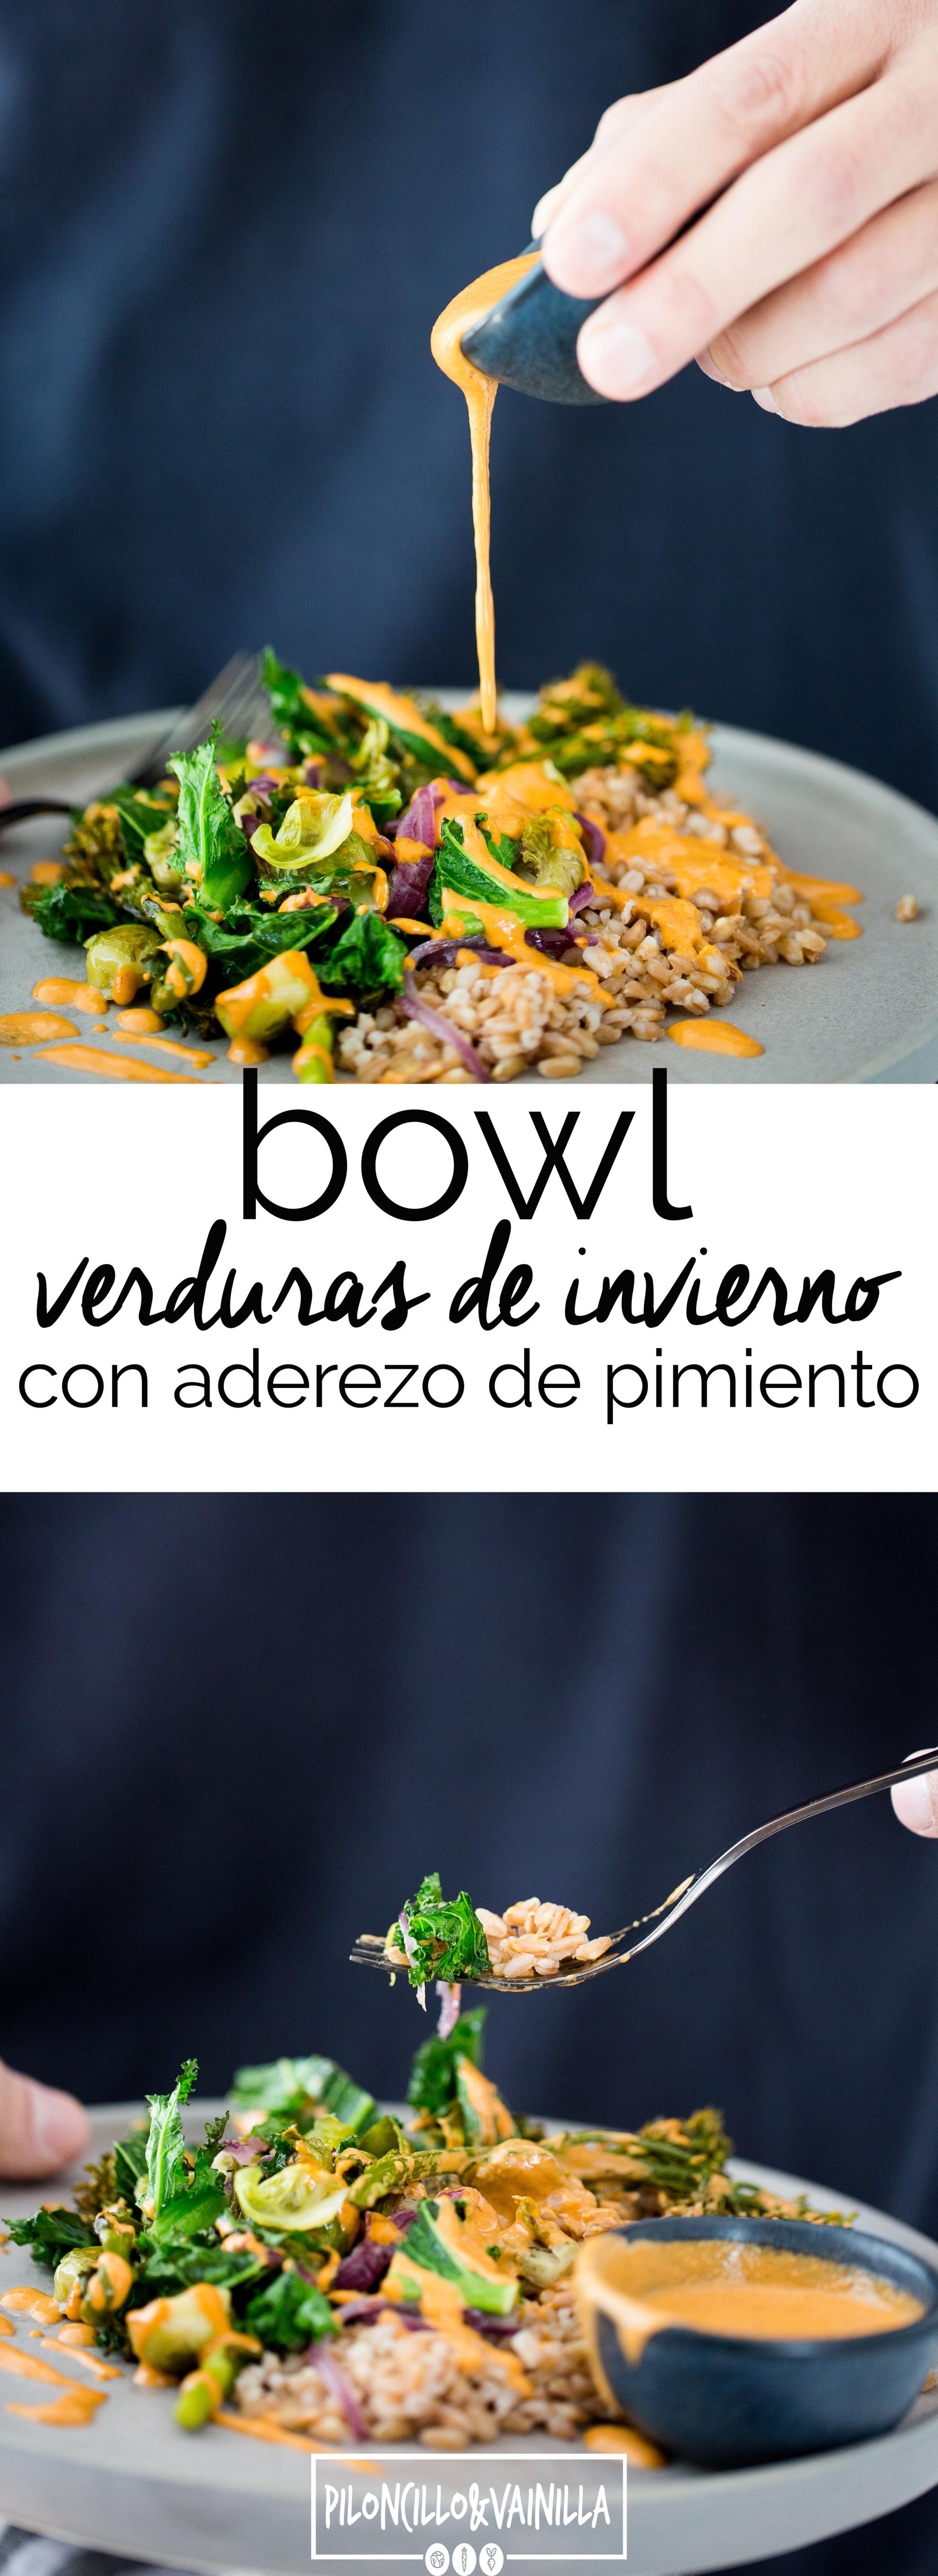 Receta de verduras de invierno rostizadas  con aderezo de pimiento rojo y granos ancestrales.Receta de un bowl delicioso de verduras rostizadas. Receta vegana, receta en español,receta vegetariana.